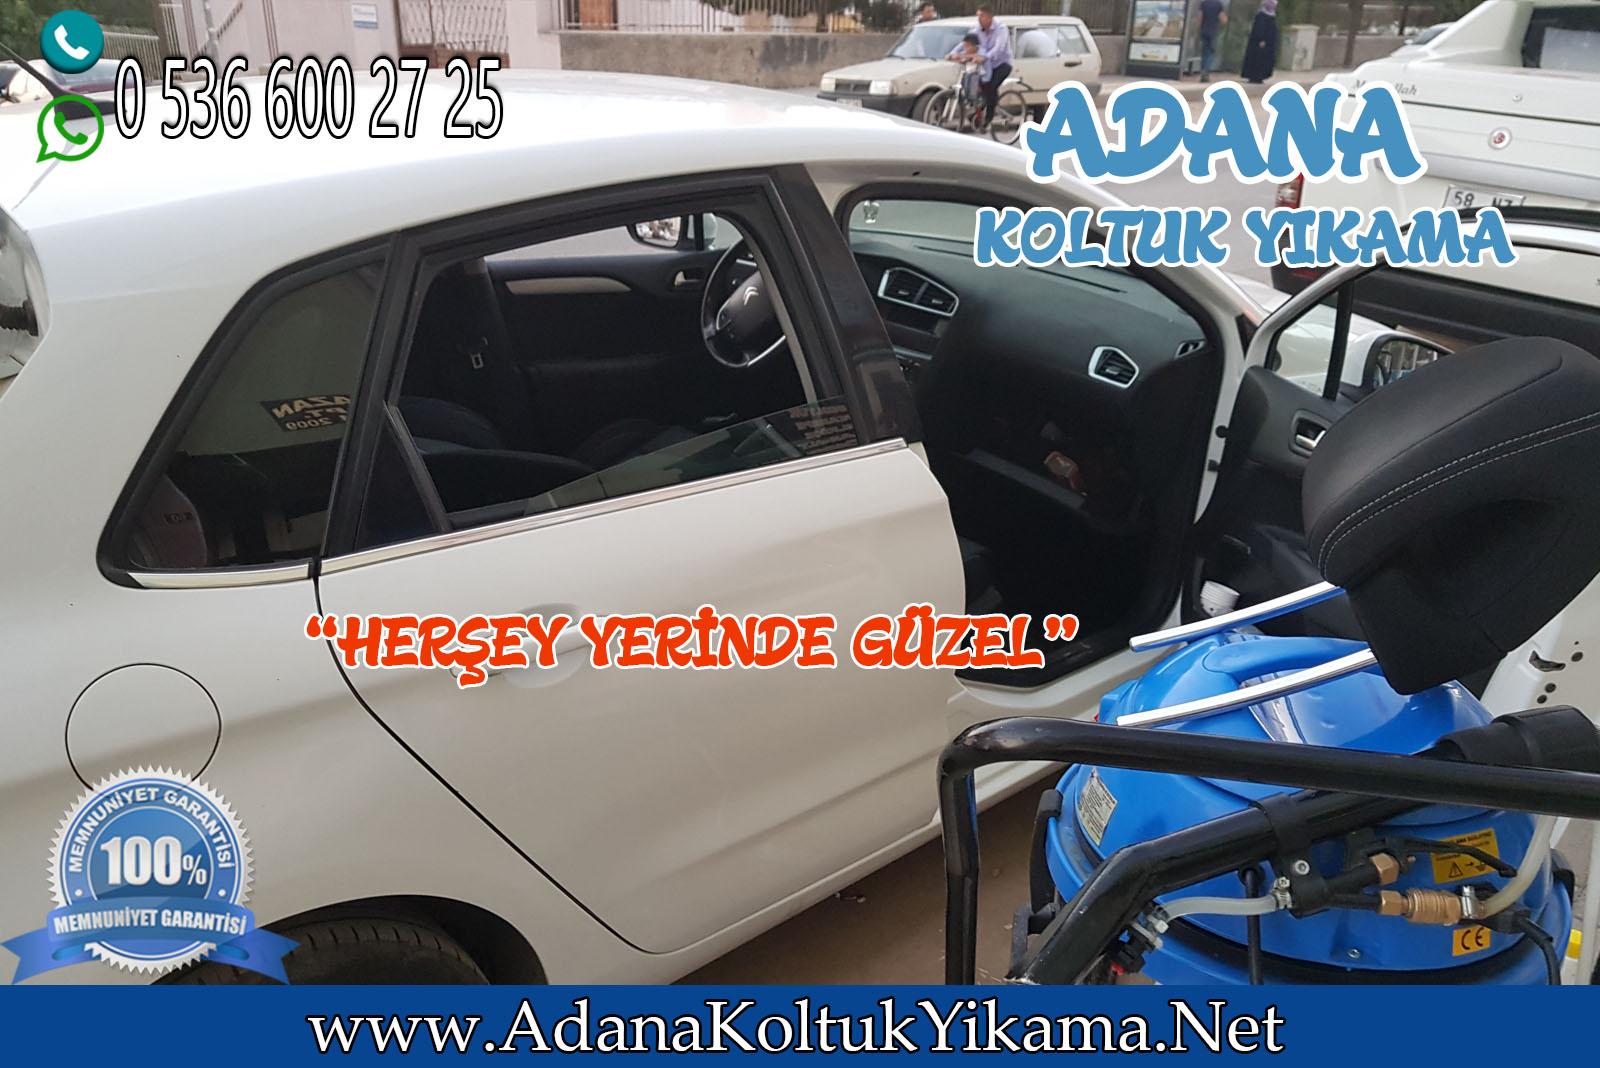 Adana Oto Koltuk Yıkama Citroen C4